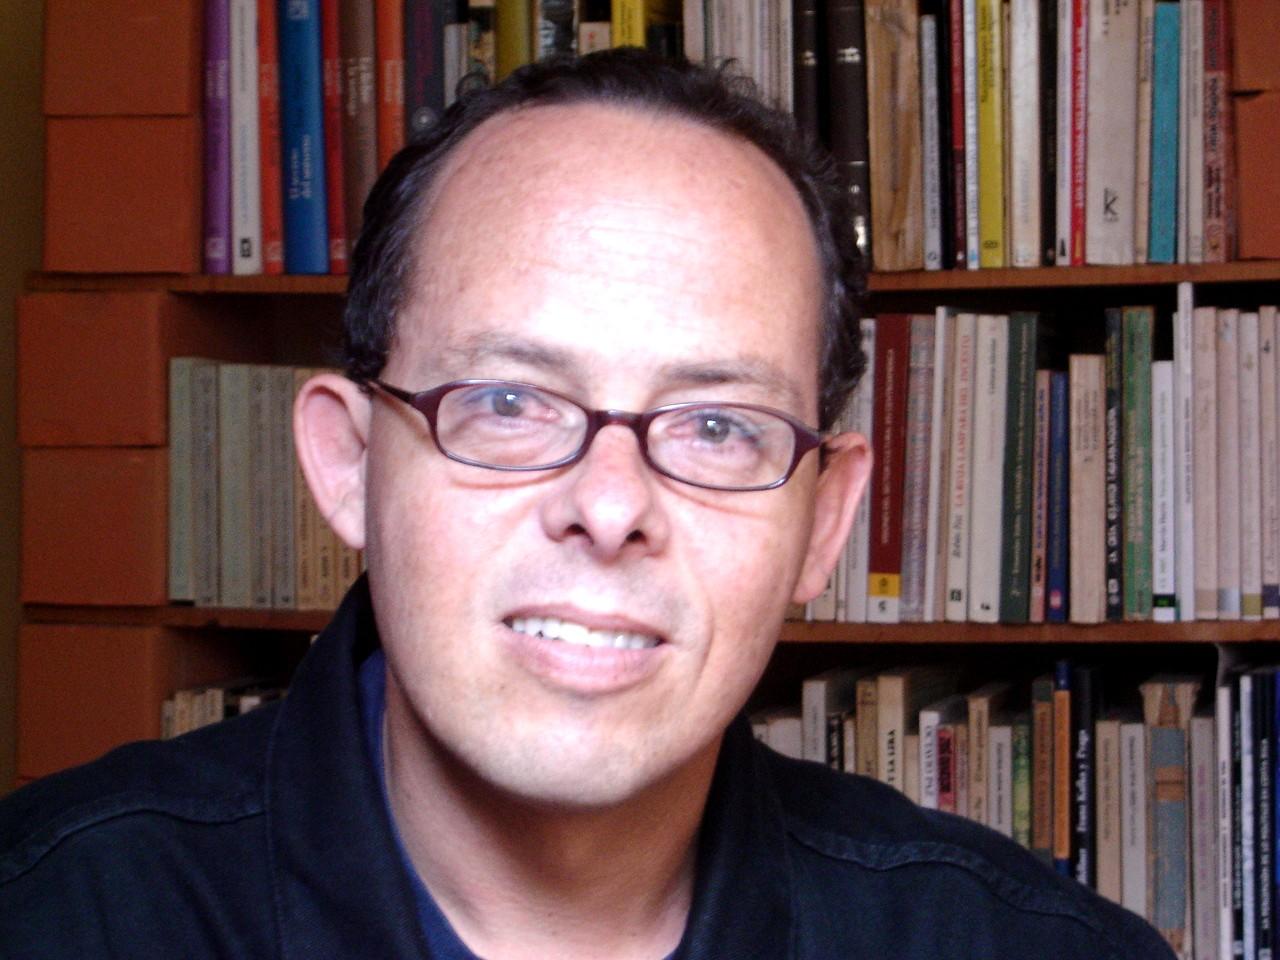 rodrigo soto san josé 1962 escritor guionista y productor audiovisual ...